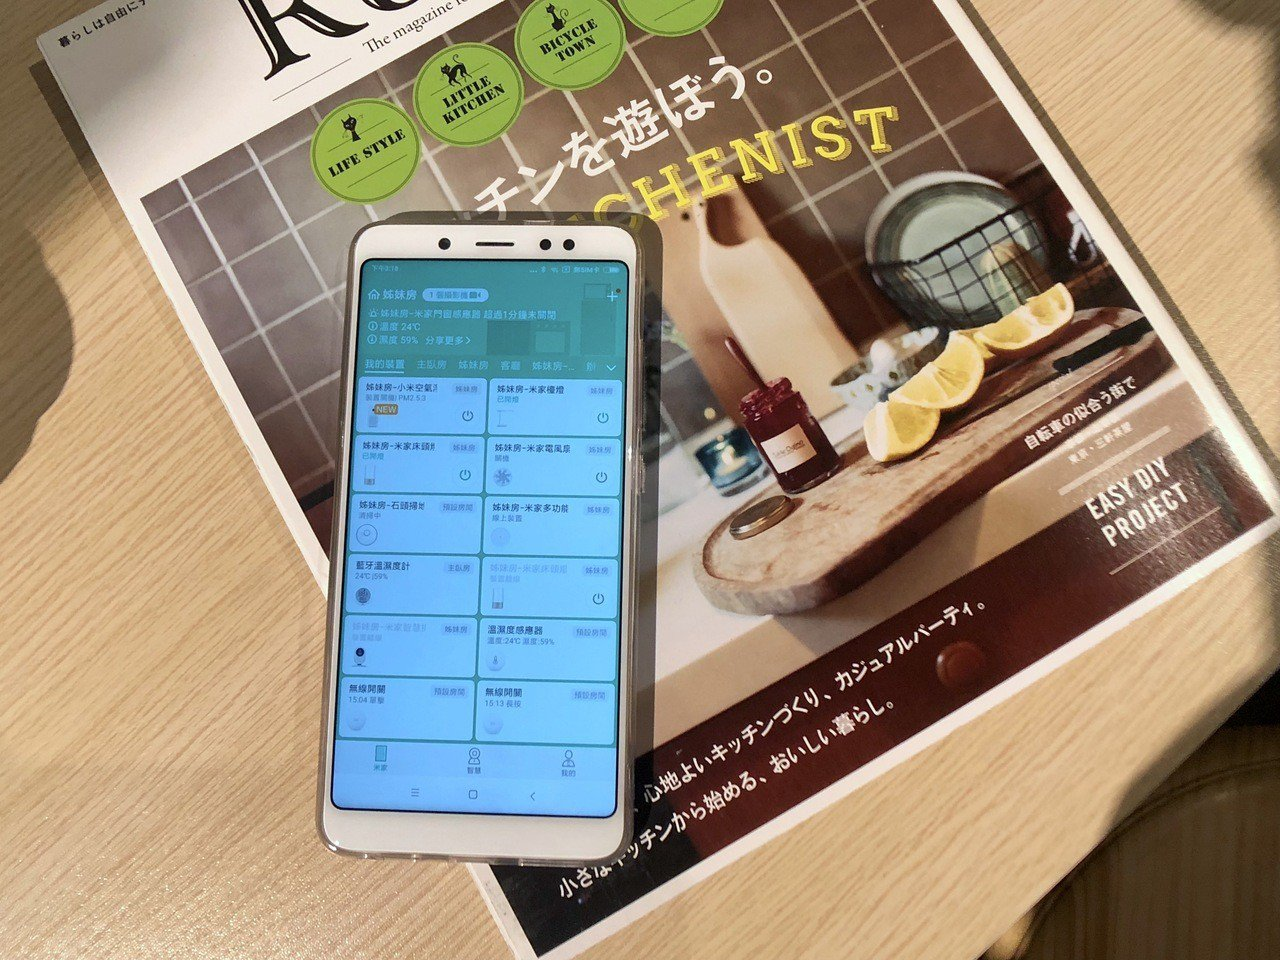 各種智慧家電都能使用單一App控制。記者黃筱晴/攝影